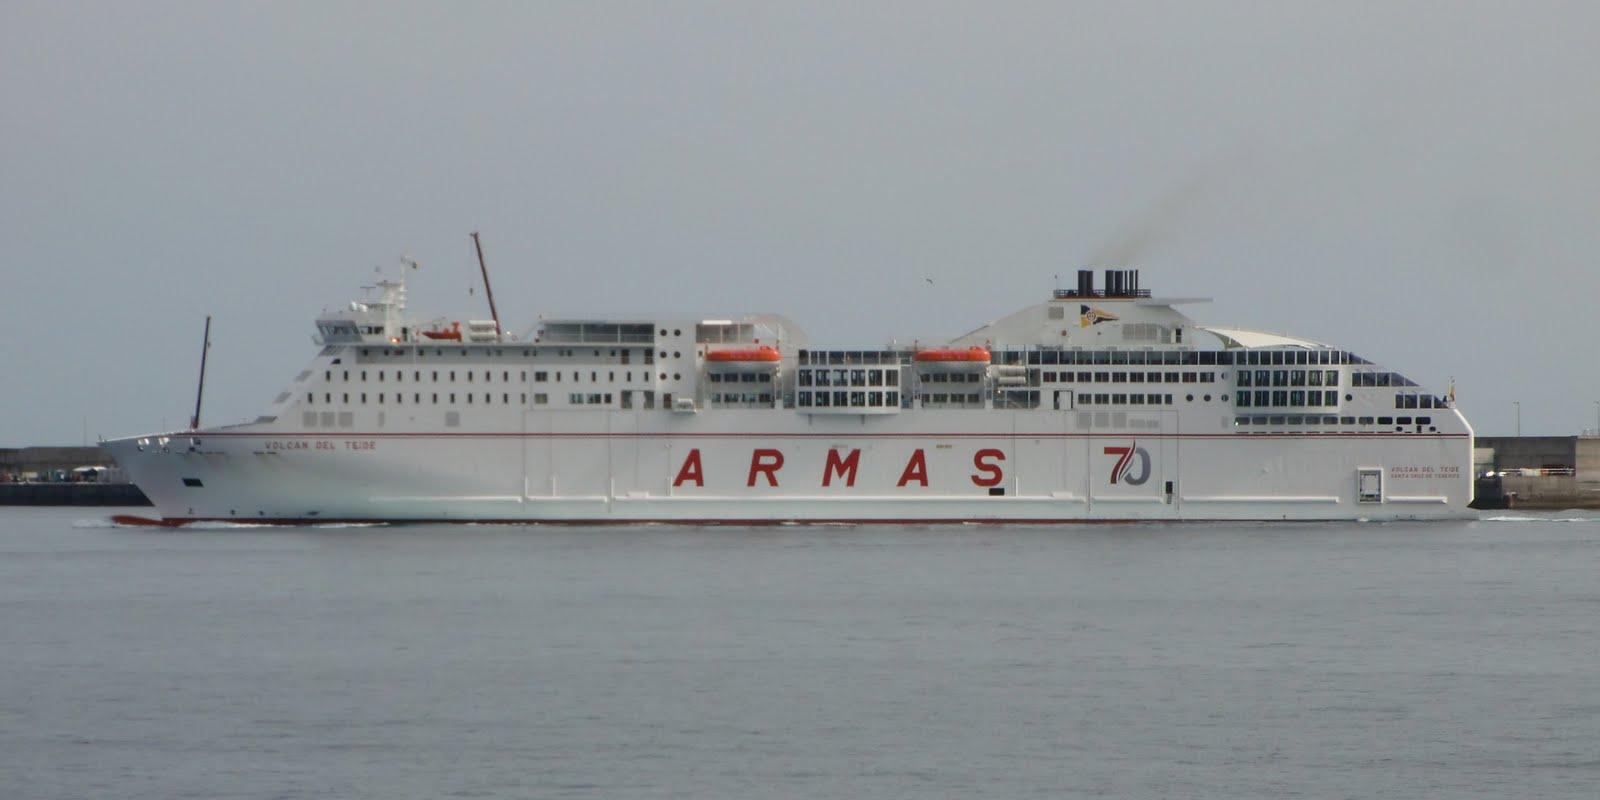 Islas canarias armas estrena la nueva linea canarias huelva for Horario oficina naviera armas las palmas